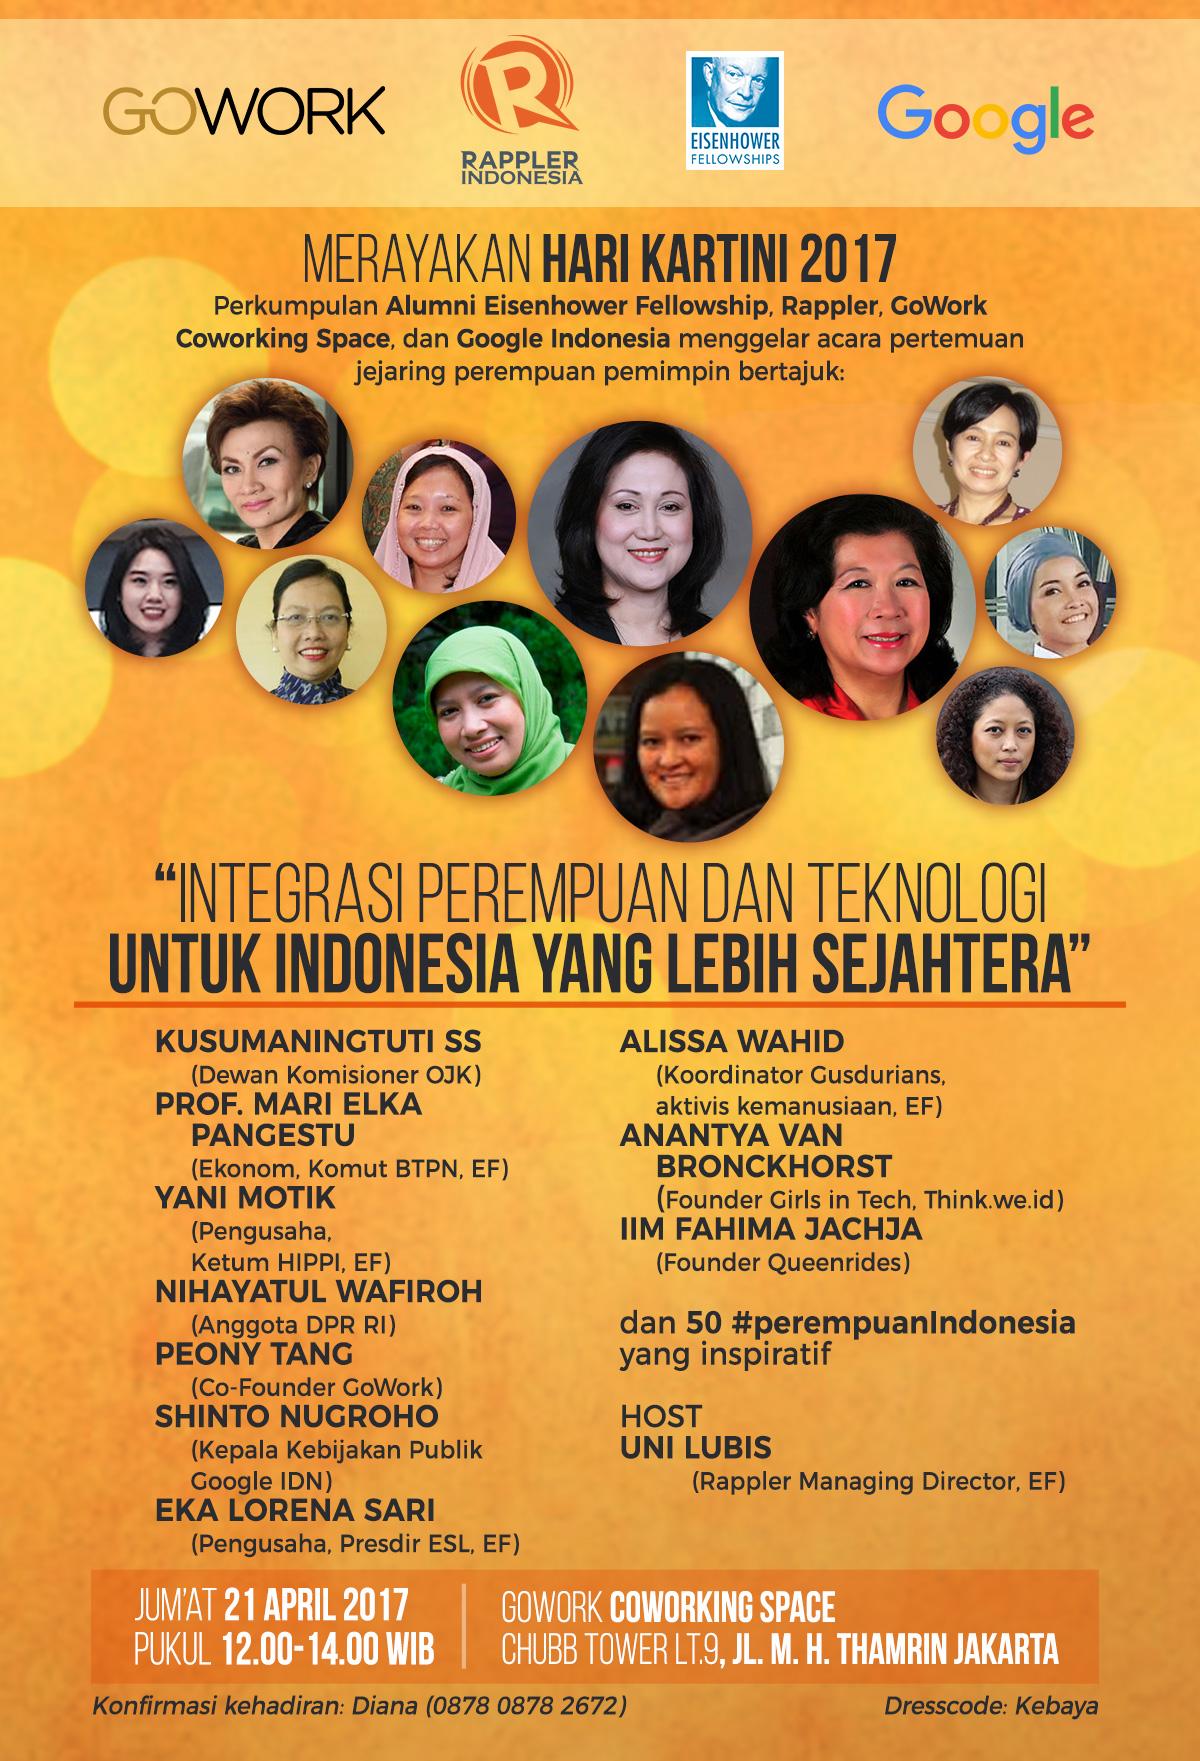 10 Perempuan Inspiratif Indonesia Bicara Peran Teknologi